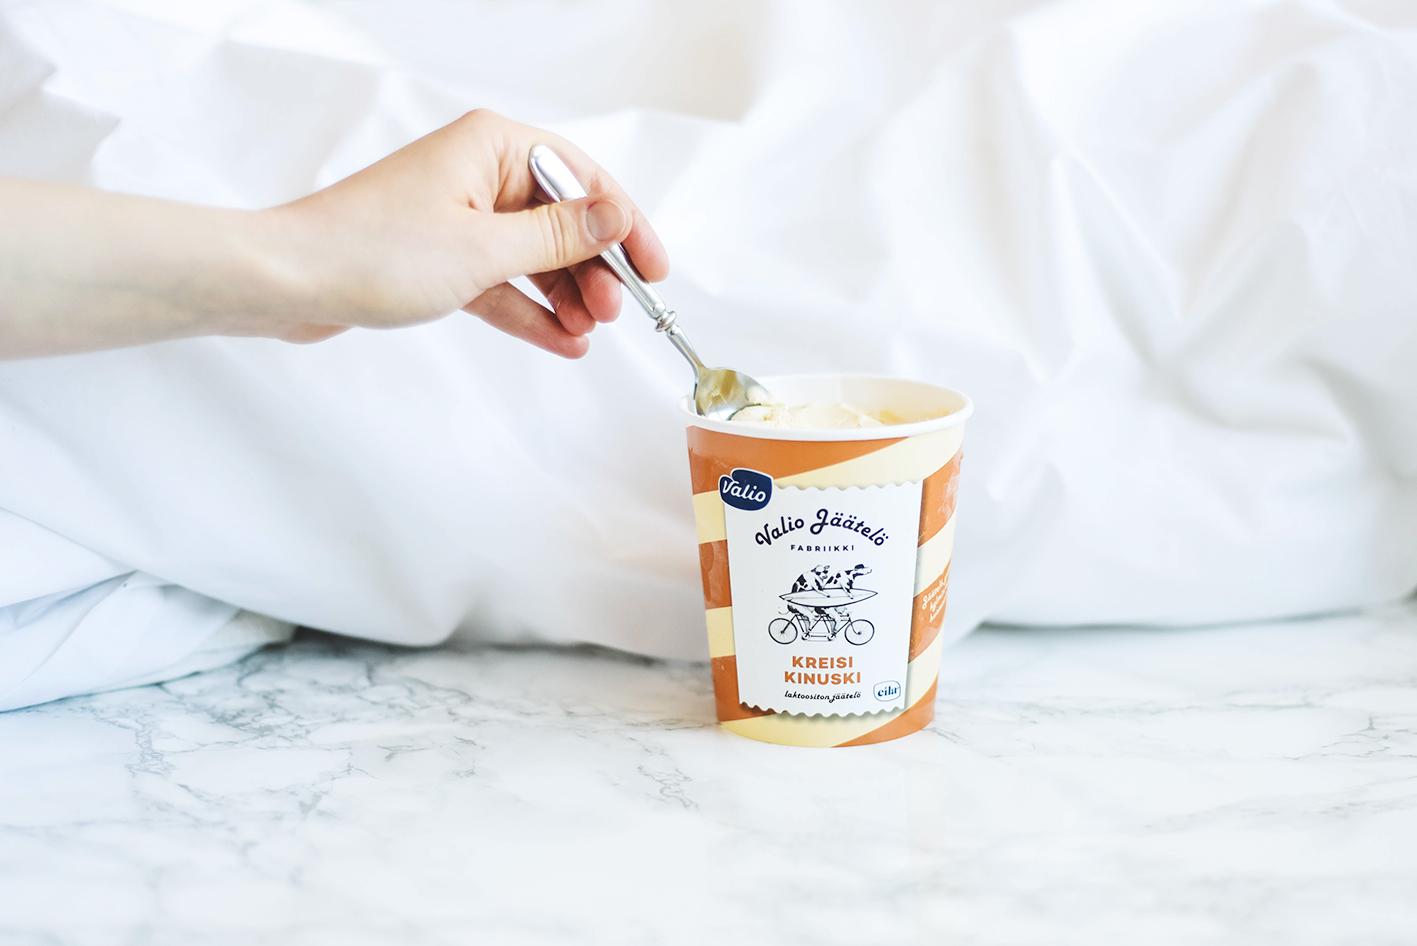 valio-jäätelöfabriikki-jäätelö-icecream-testissä-sundayblondie-6.jpg